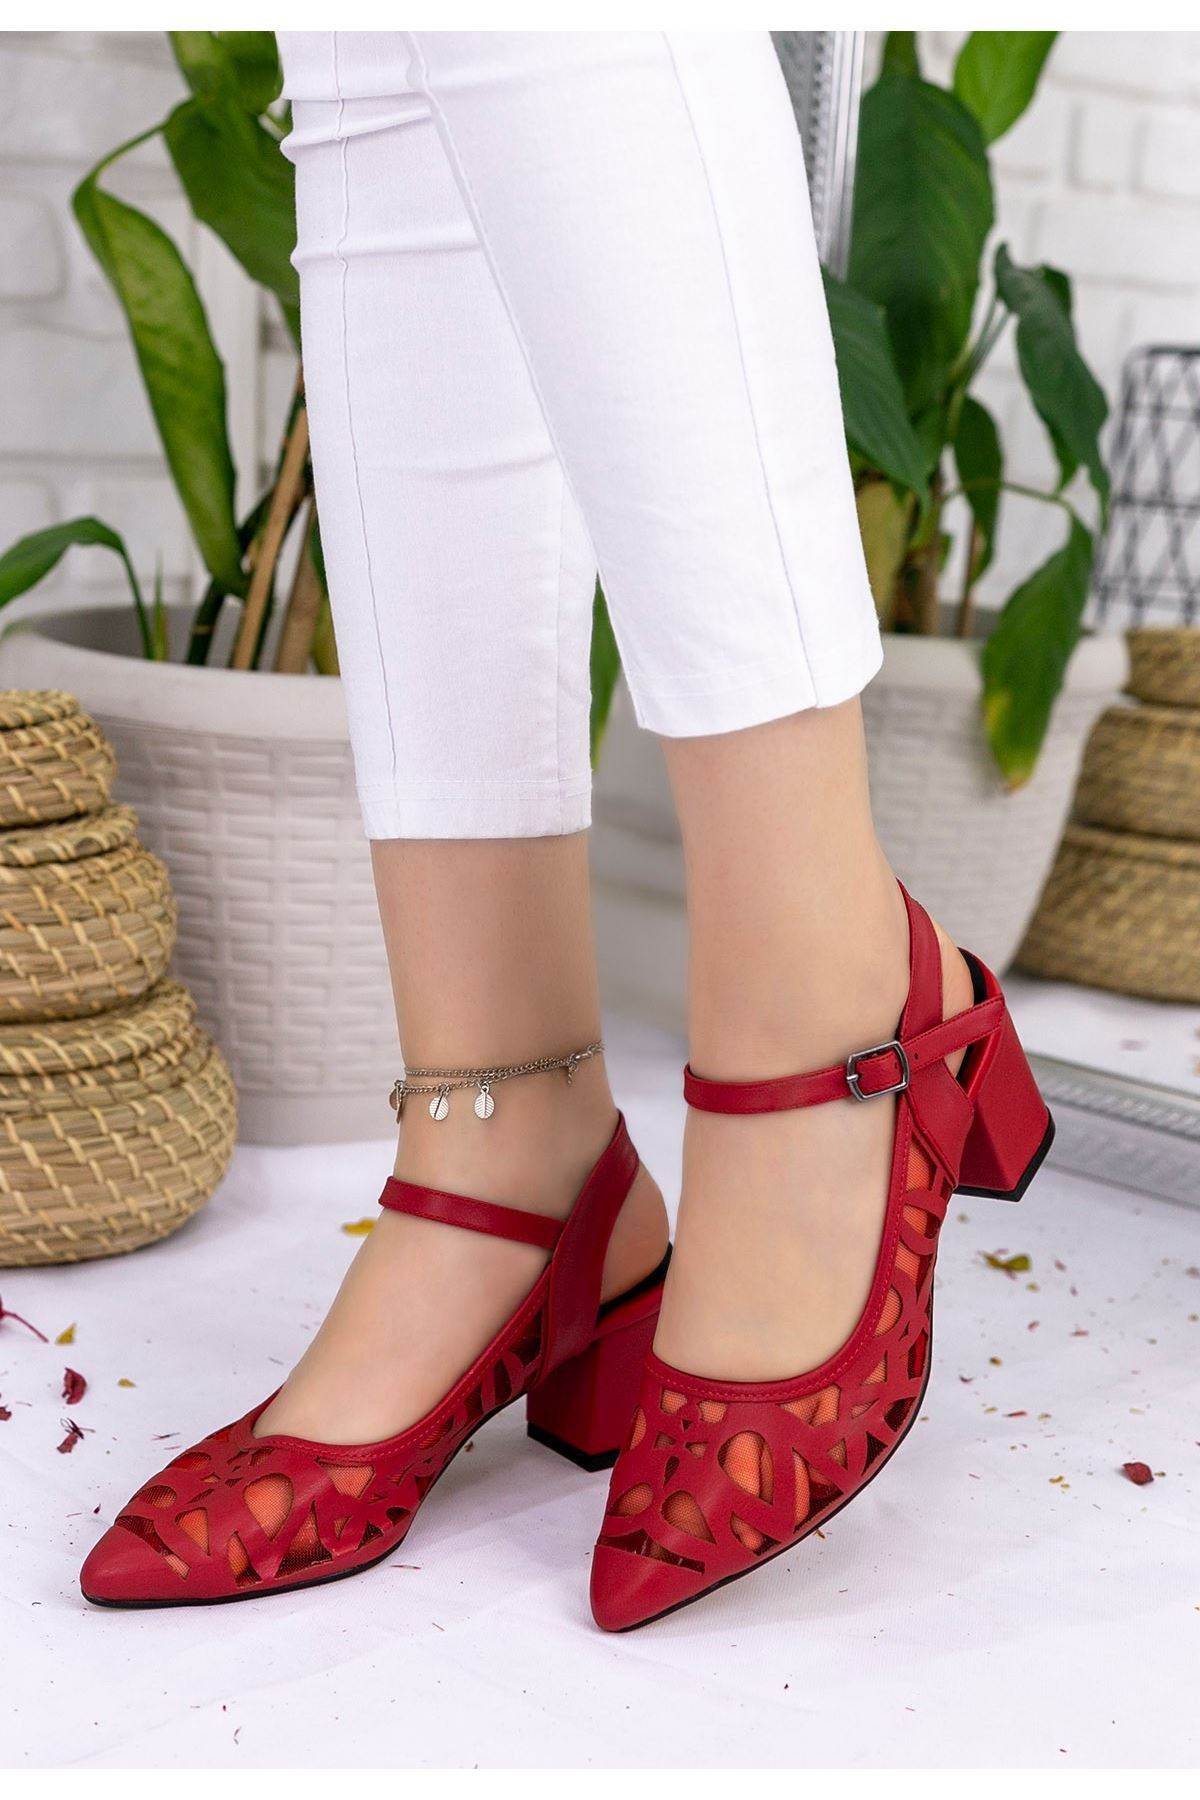 Zelene Kırmızı Cilt Topuklu Ayakkabı